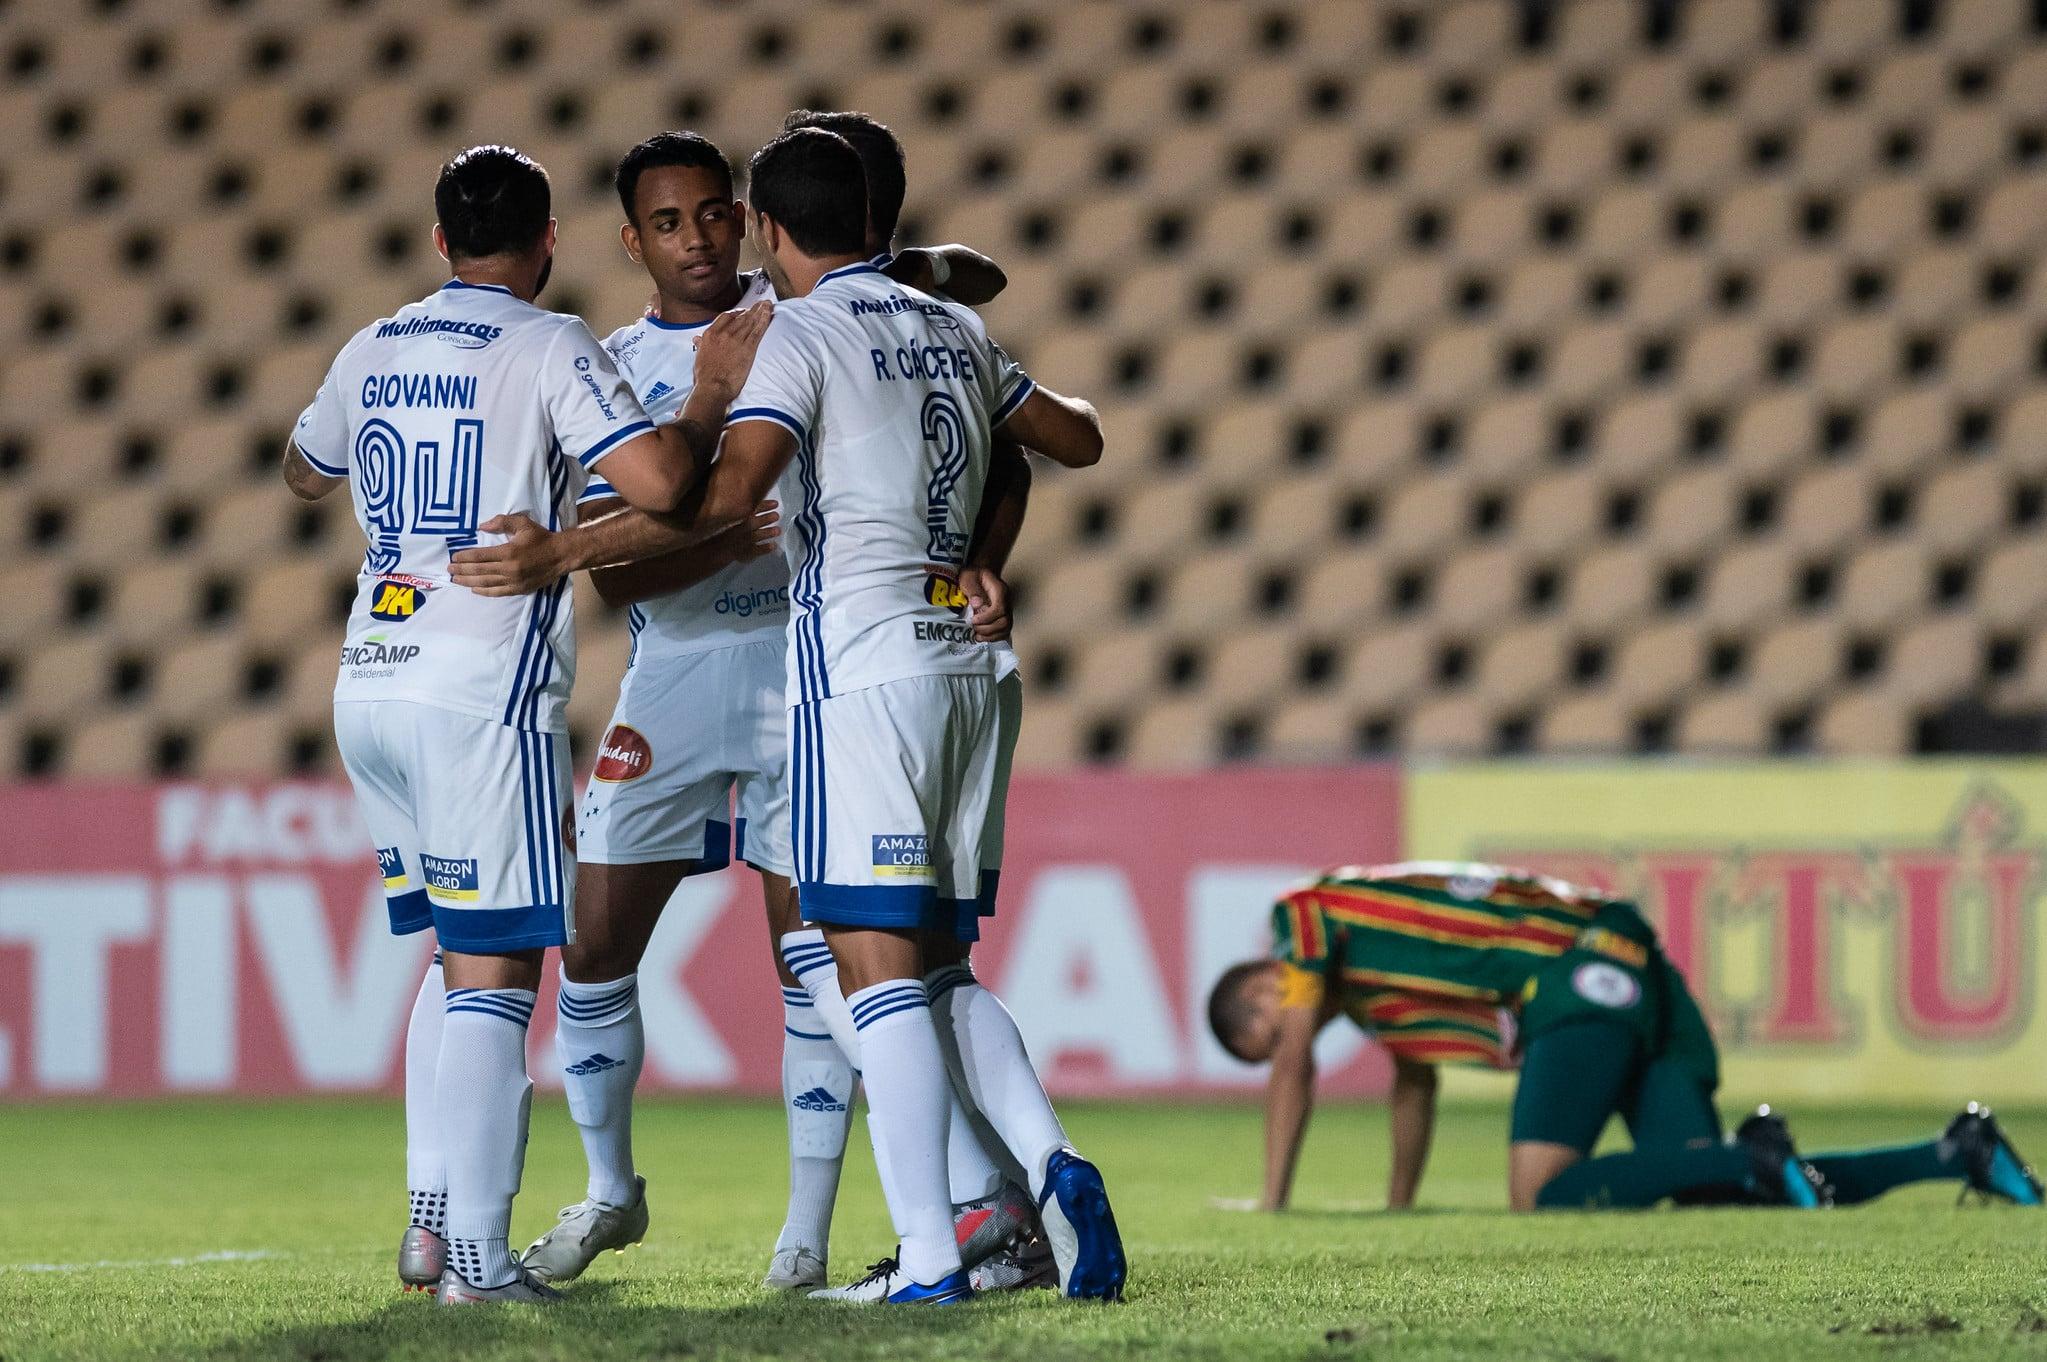 Em locais antagônicos, Cruzeiro e Sampaio Corrêa se enfrentam na tarde deste sábado (14), às 16h30, na Arena Independência